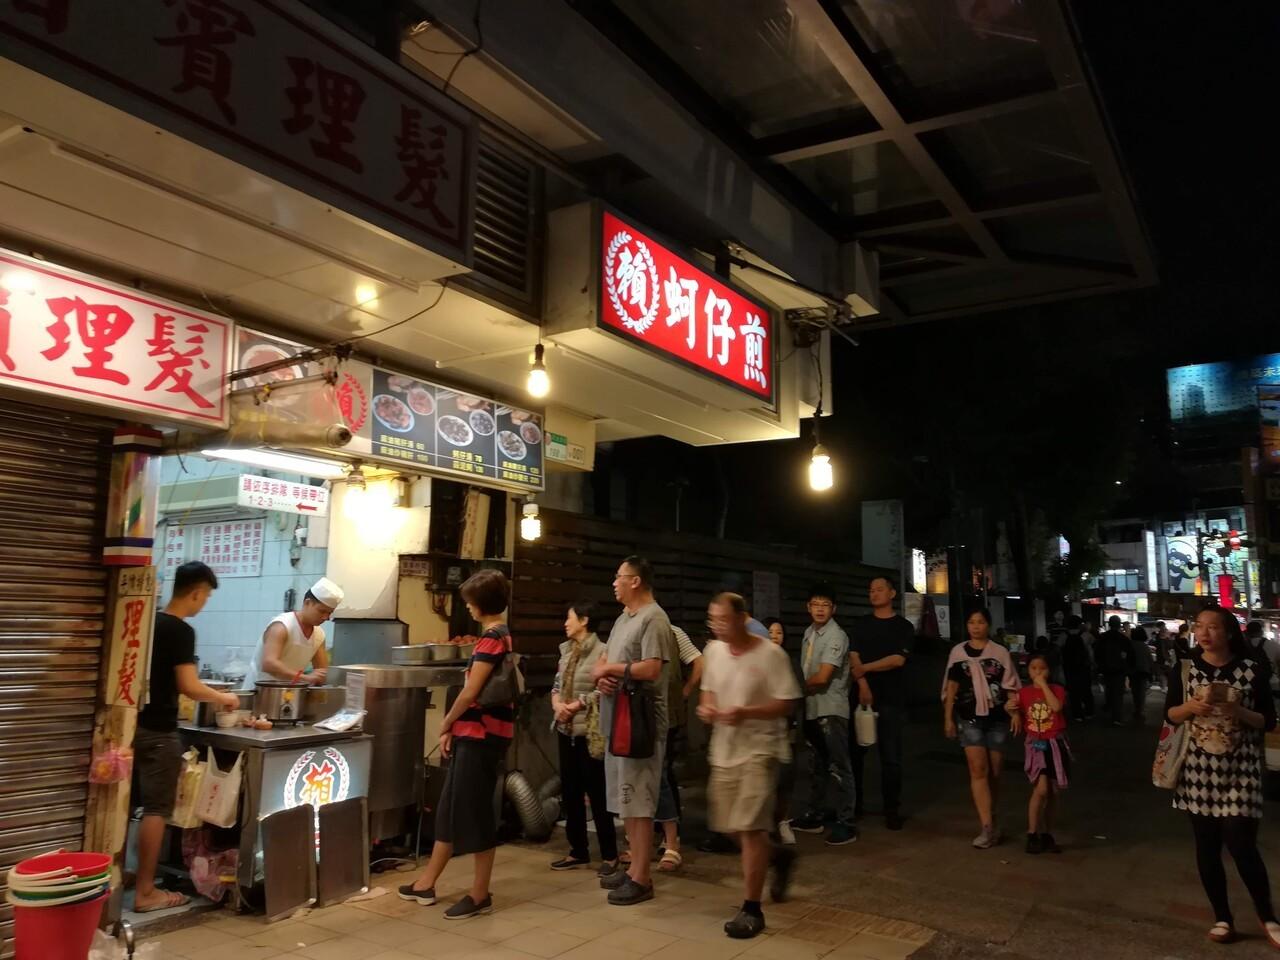 牡蠣オムレツのお店。人気ですね。